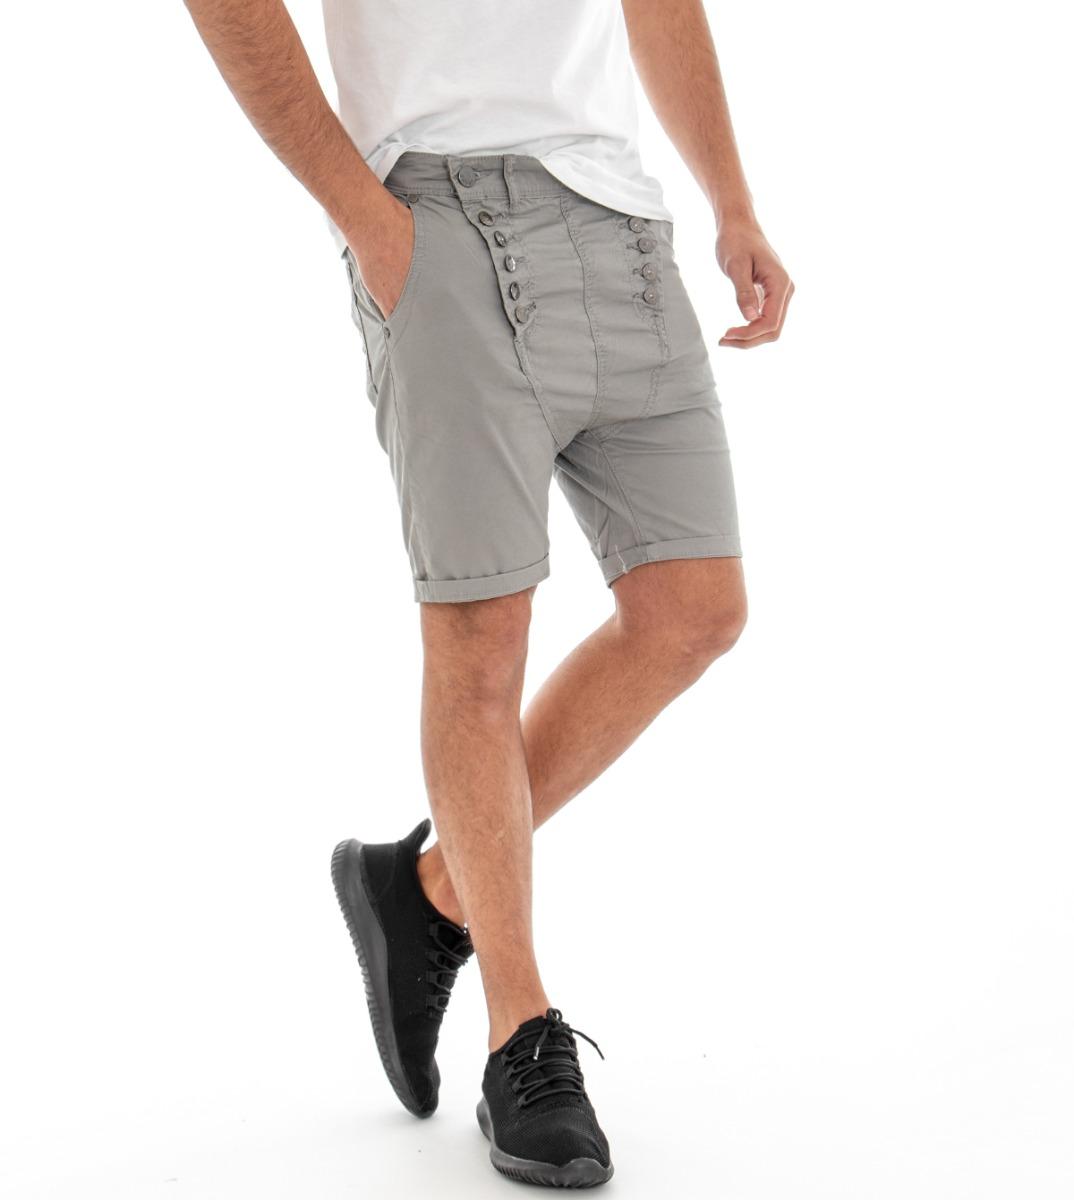 Responsabile Pantalone Corto Uomo Pantaloncini Bermuda Grigio Tasca America Cavallo Basso ... Supplemento L'Energia Vitale E Il Nutrimento Yin